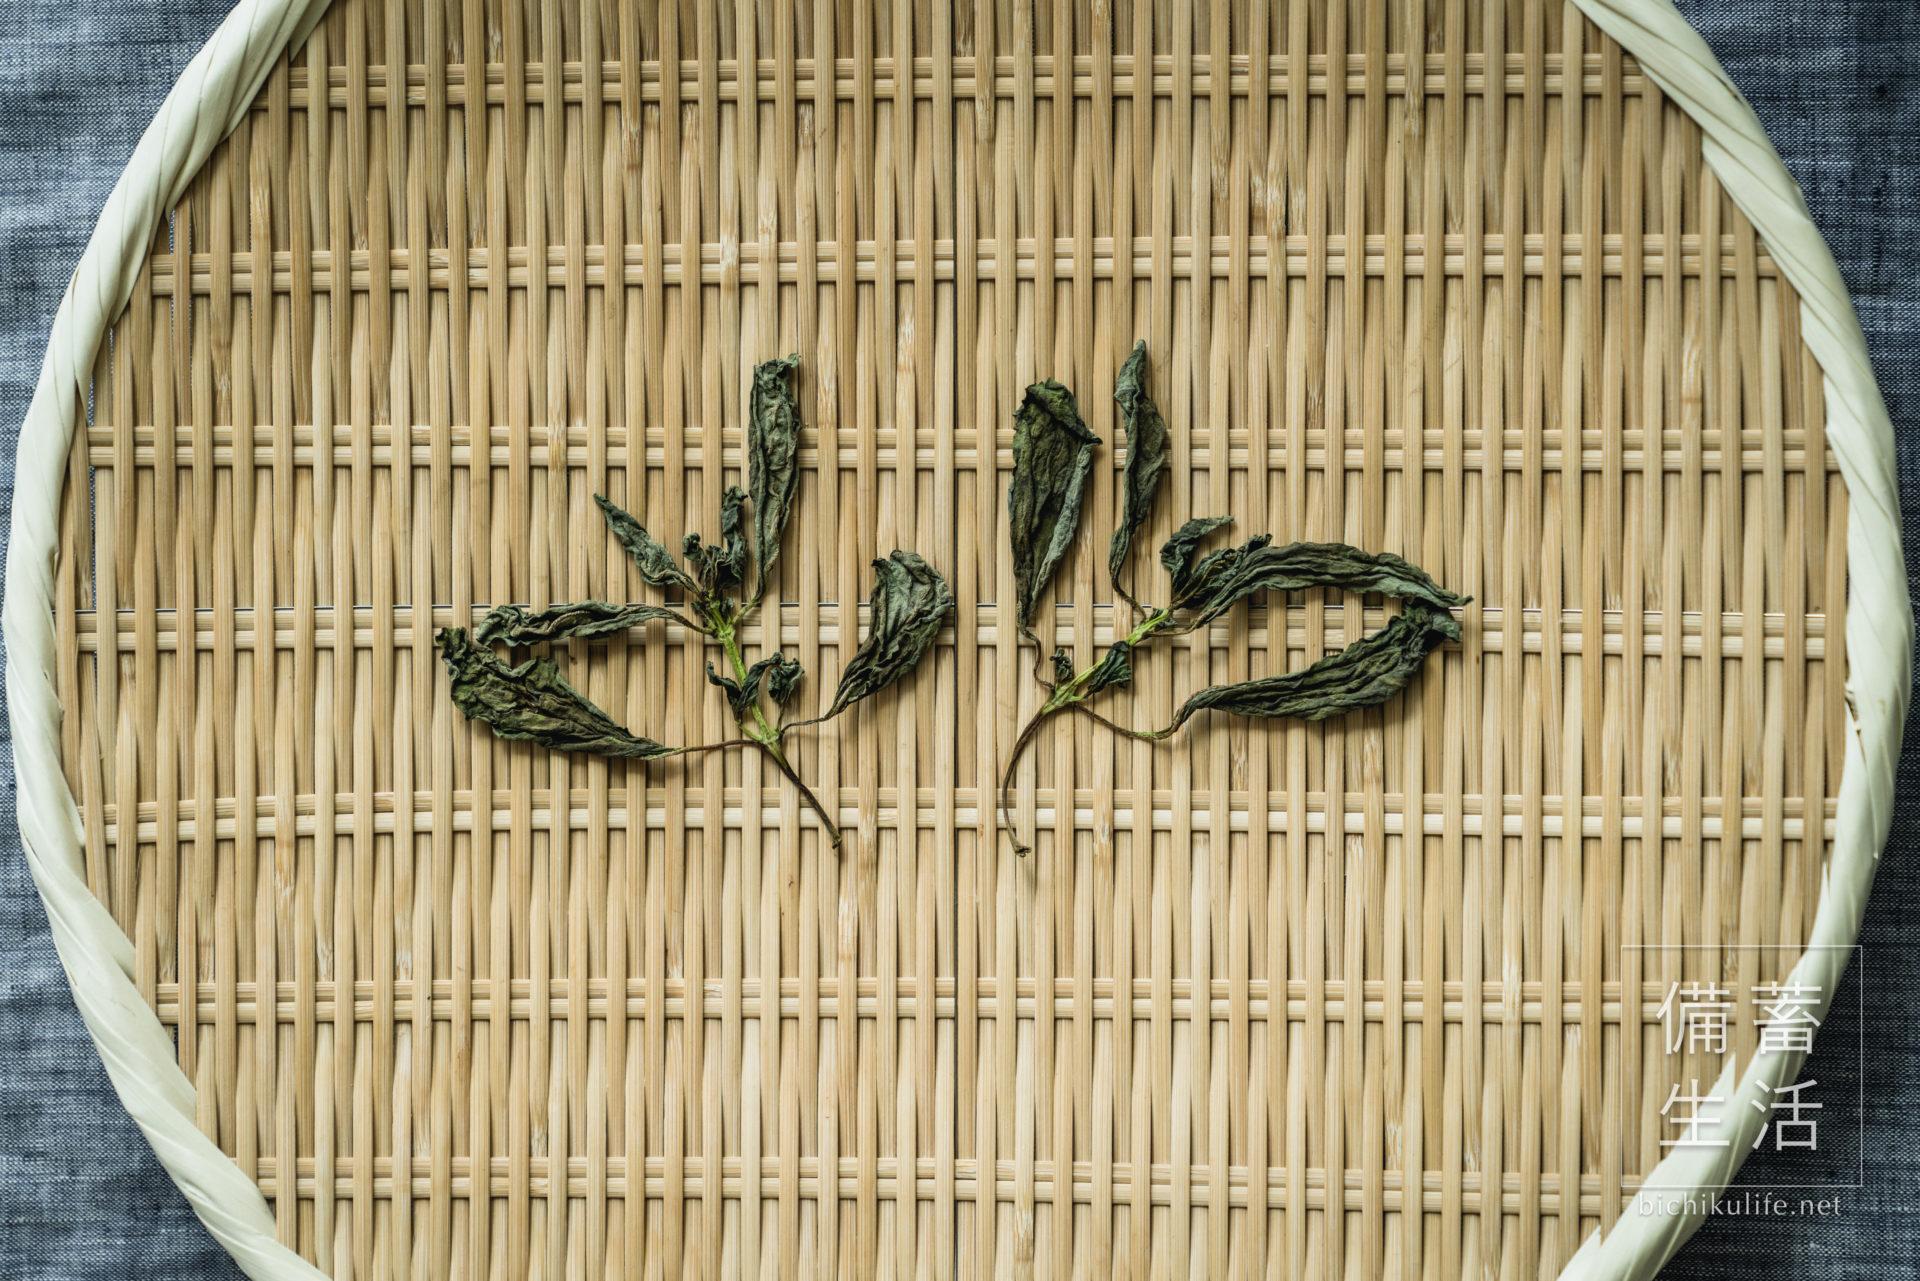 バジル 干し野菜づくり -干しバジル-